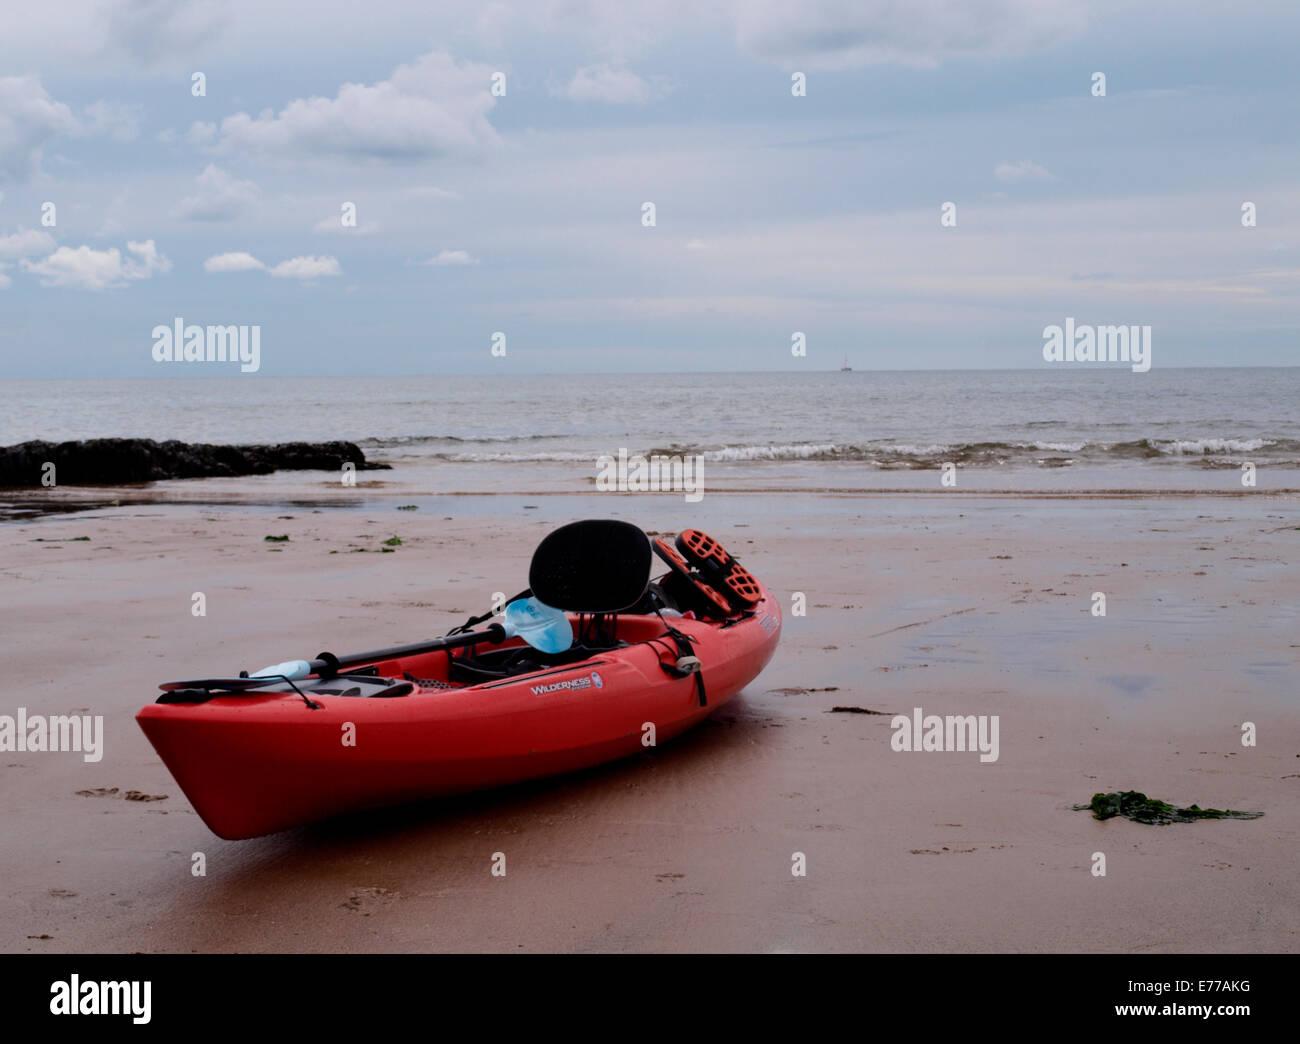 Setzen Sie sich auf Kanu auf dem Strand, Exmouth, Devon, UK Stockbild